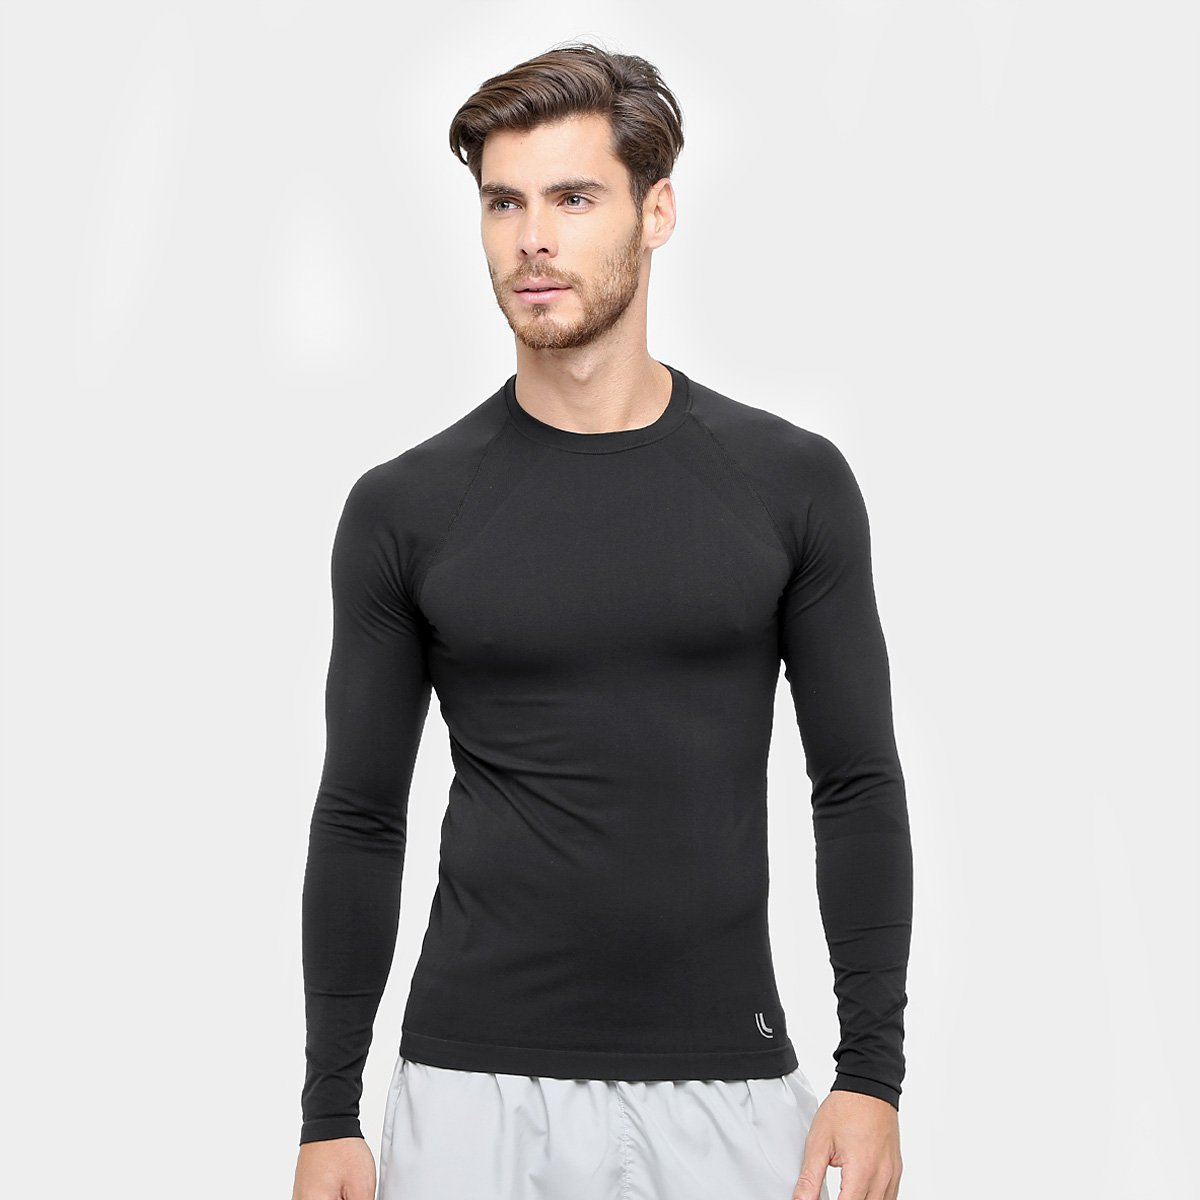 2621042107f44 Camiseta de Compressão Lupo Sport Run Manga Longa - Preto - Compre Agora